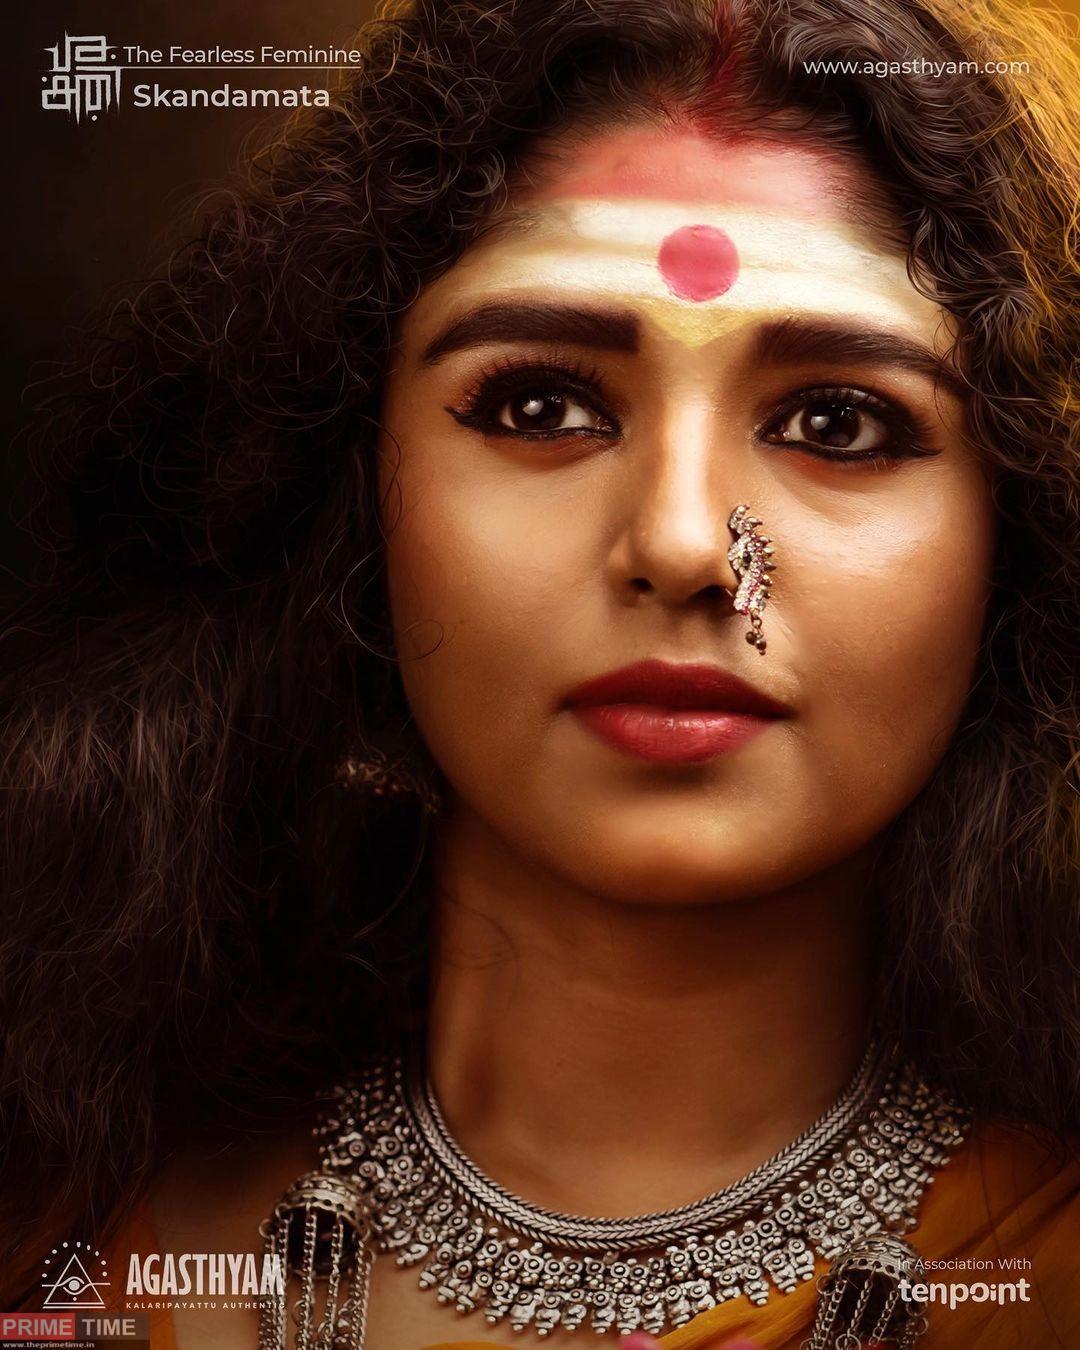 Amala with her Skandamatha avatar